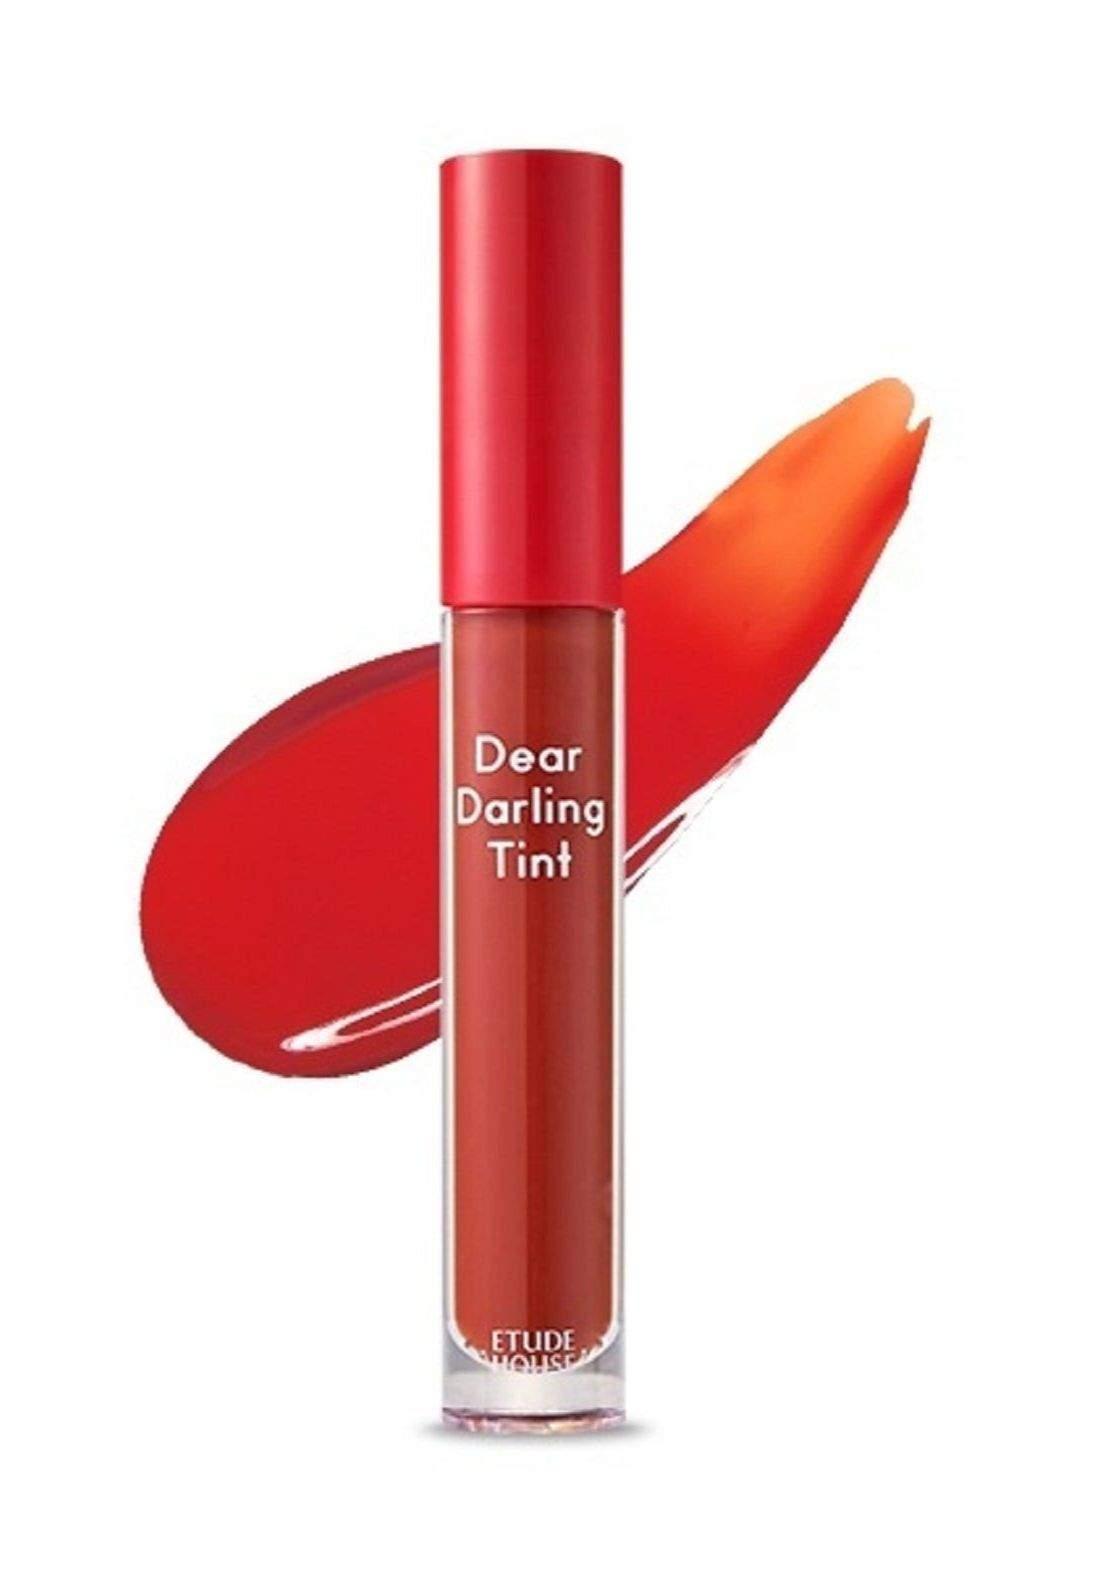 Dear Darling Lip Tint - BR401 تنت كوري من أيتود هاوس